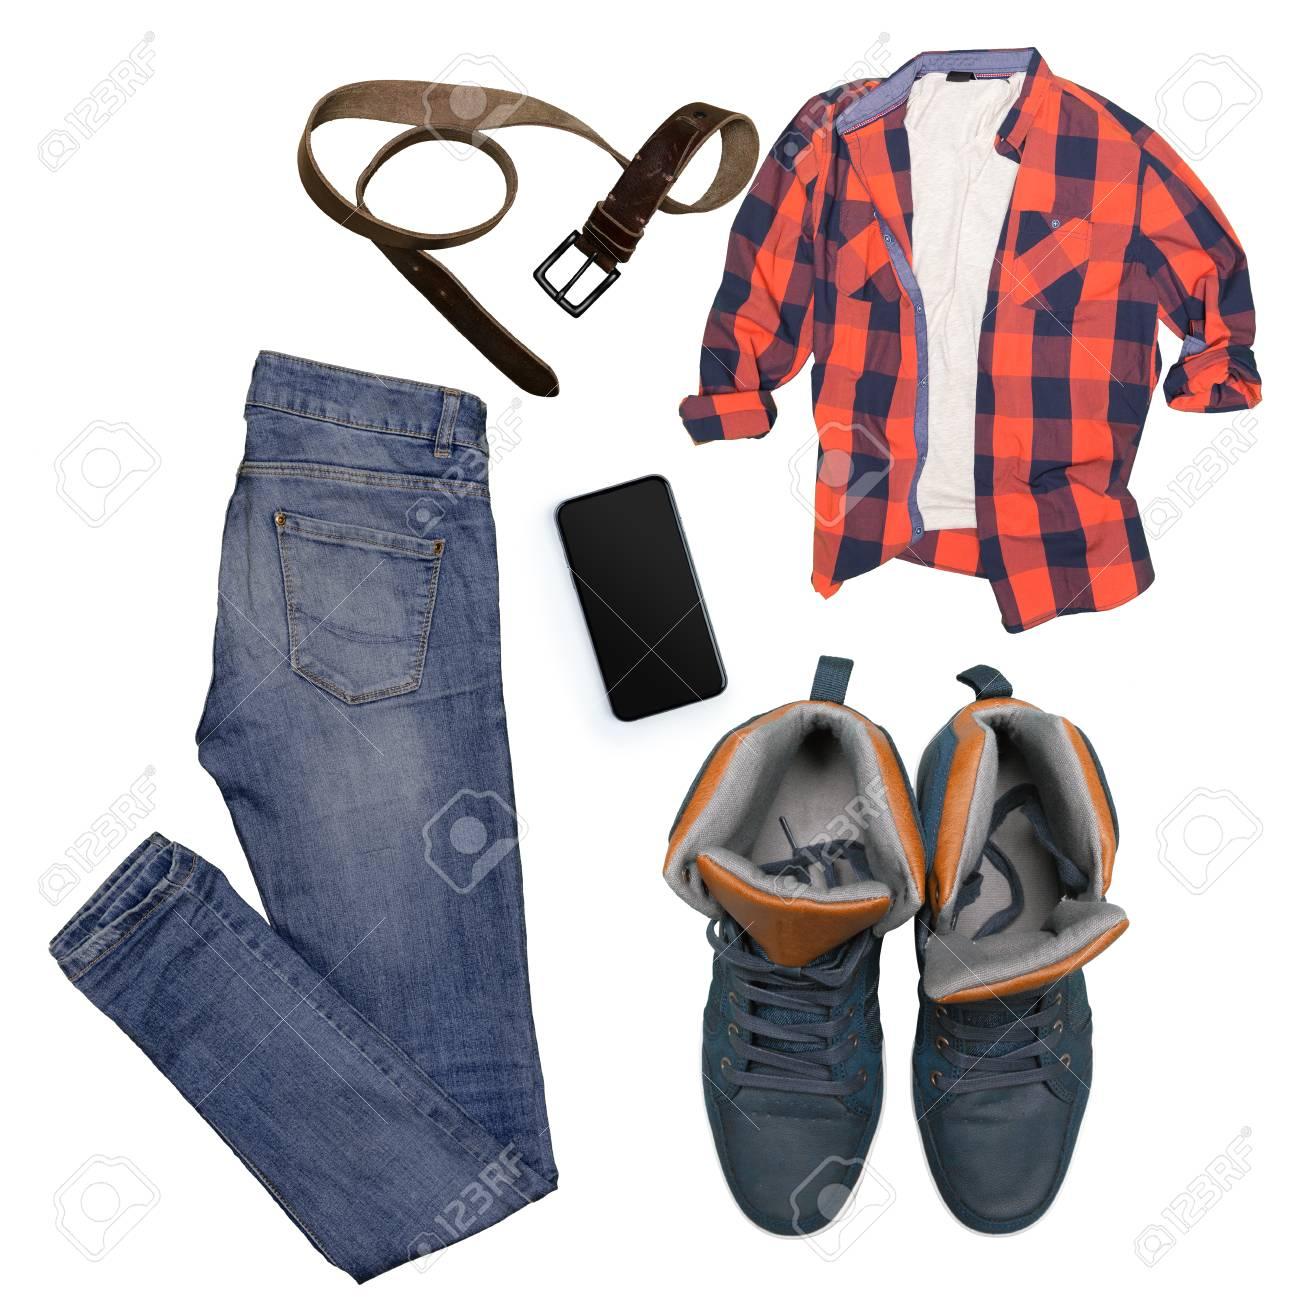 a8722425a8 Colección de ropa masculina aislados en blanco Foto de archivo - 86375061